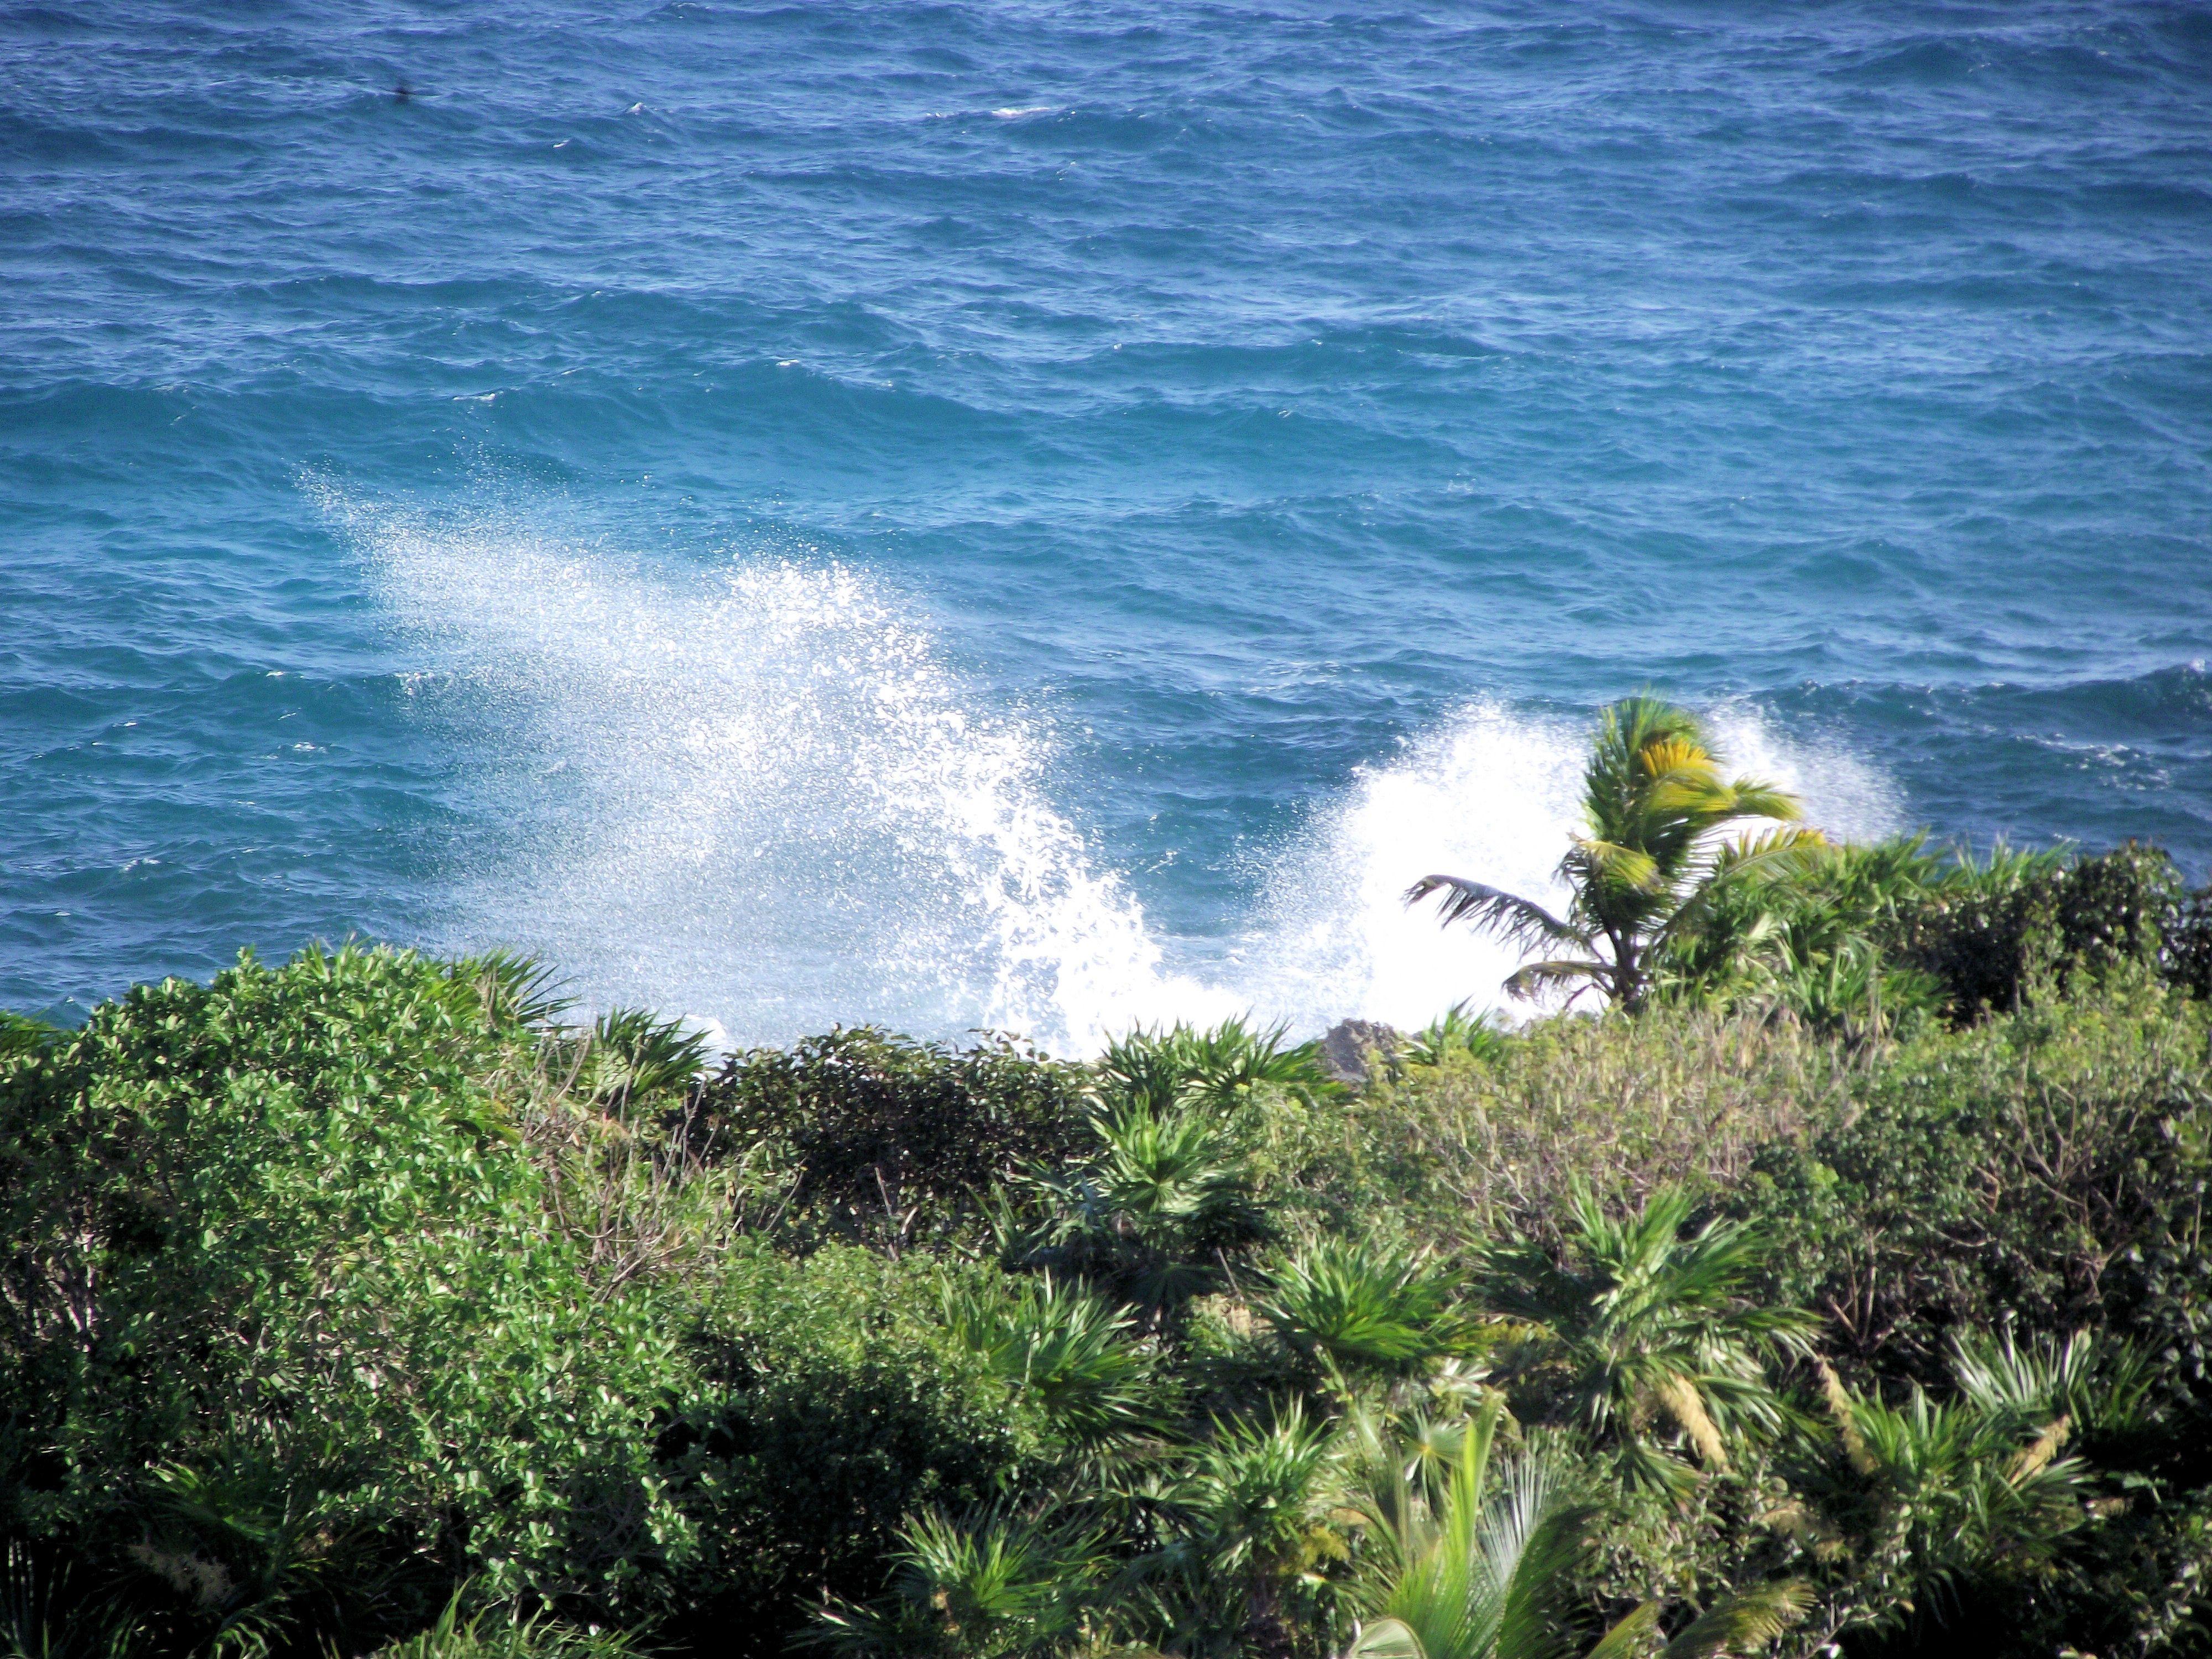 Wave crashing off Mexican shores near Cancun.